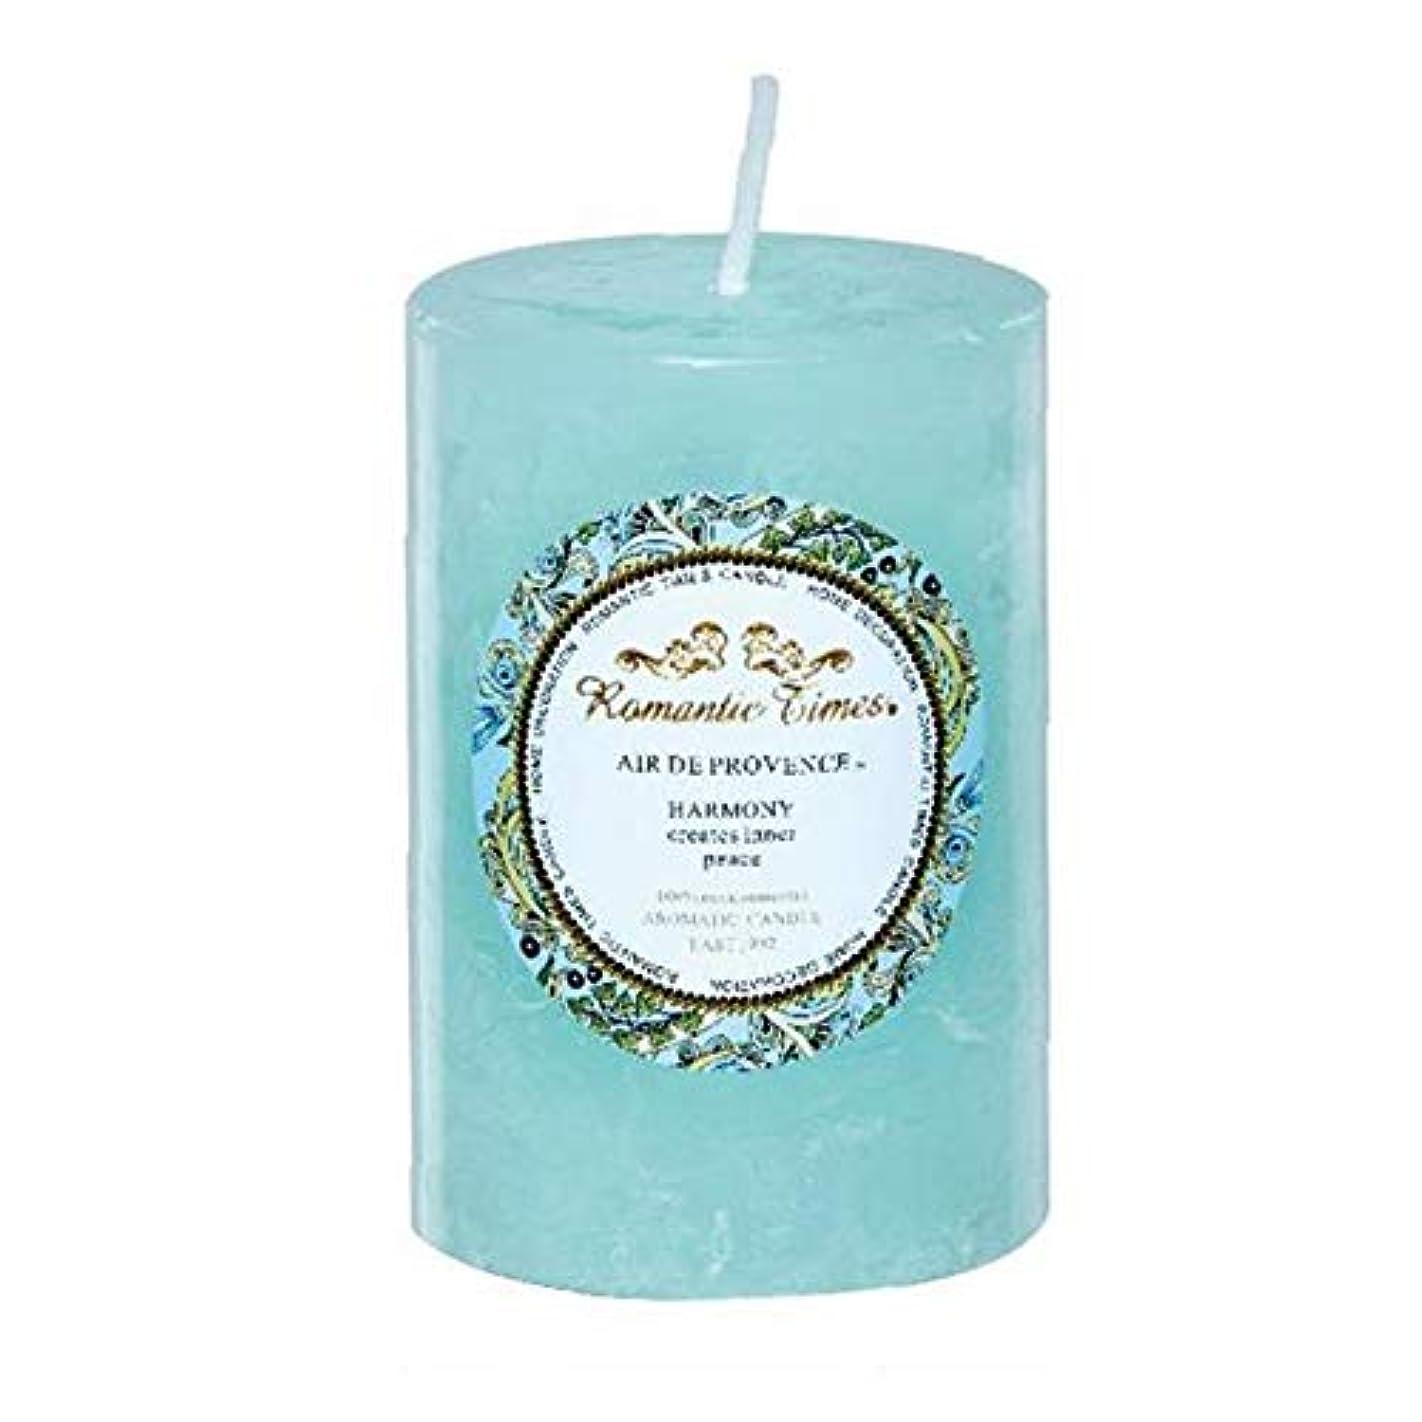 オークション延ばす左クリスマスキャンドル、家庭光のバスルームには装飾的な芳香入浴瞑想を香りの香り,M3